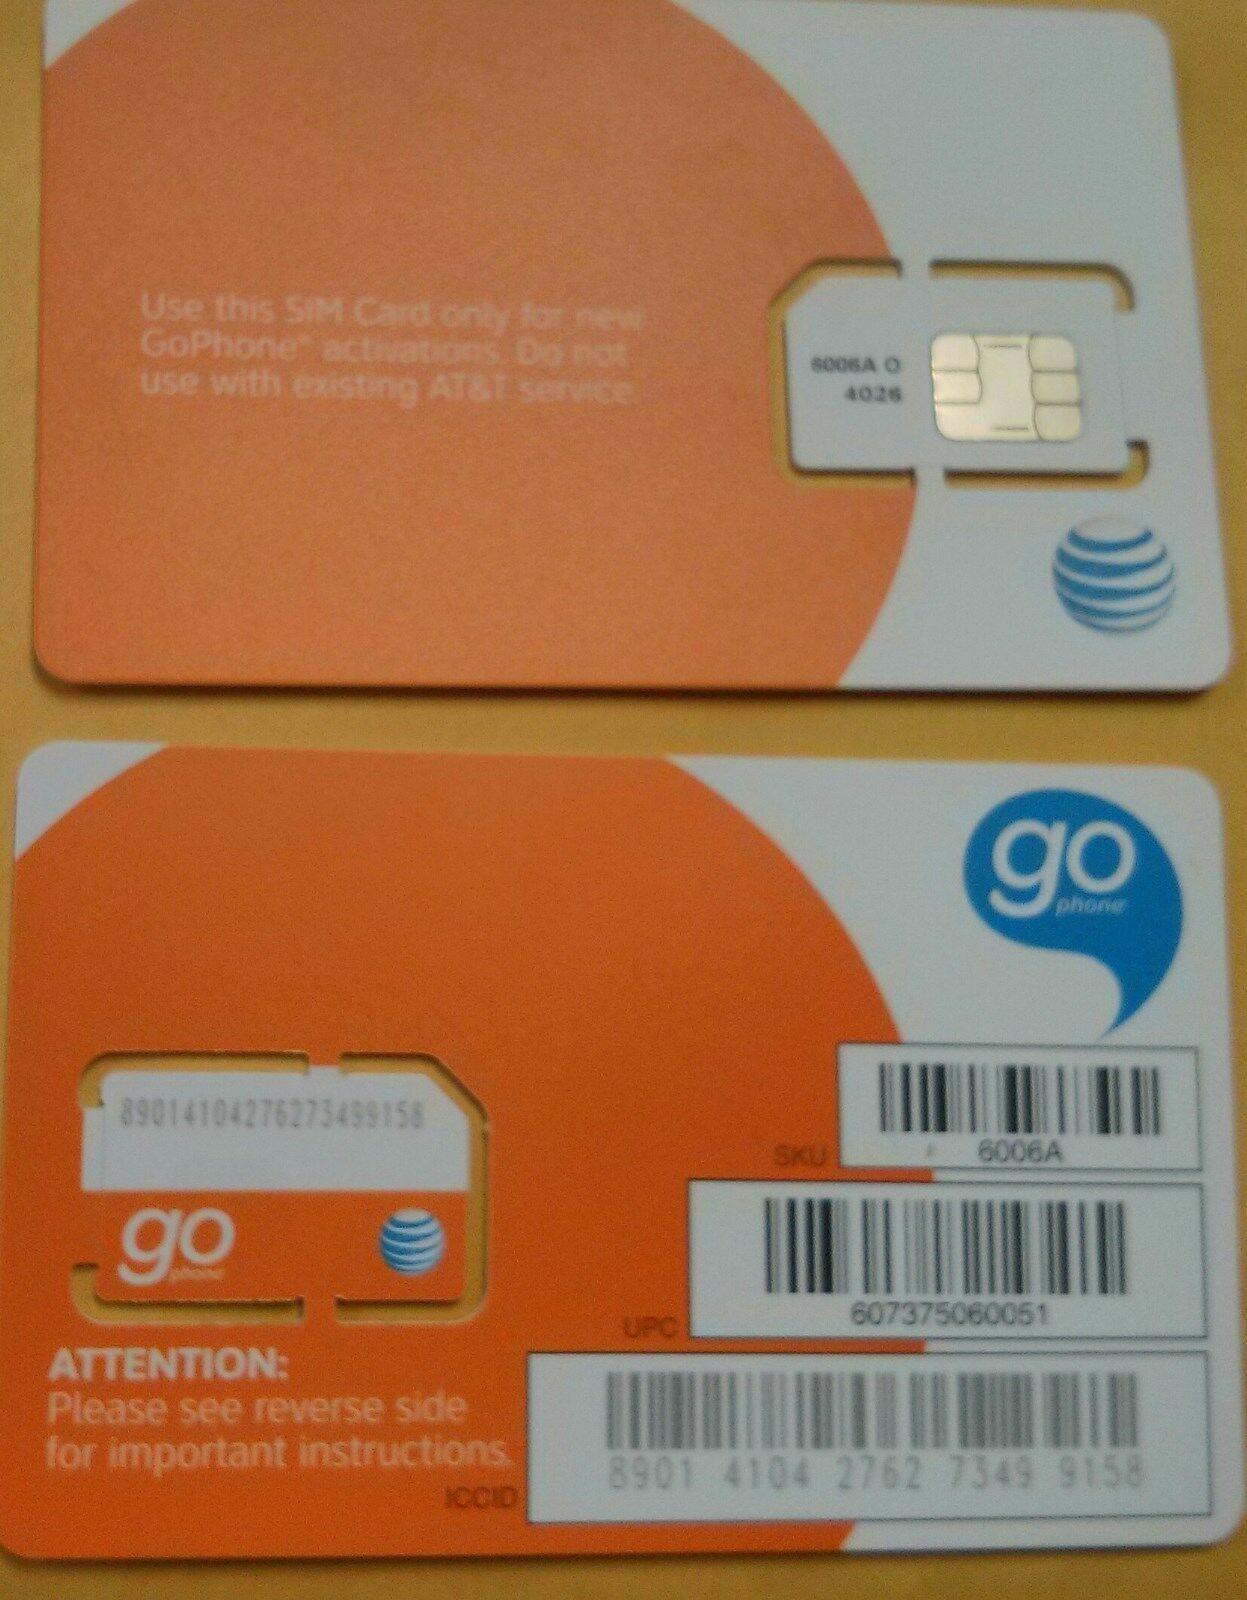 NEW AT&T Nano SIM Card GSM 4G LTE • Prepaid GoPhone or Con